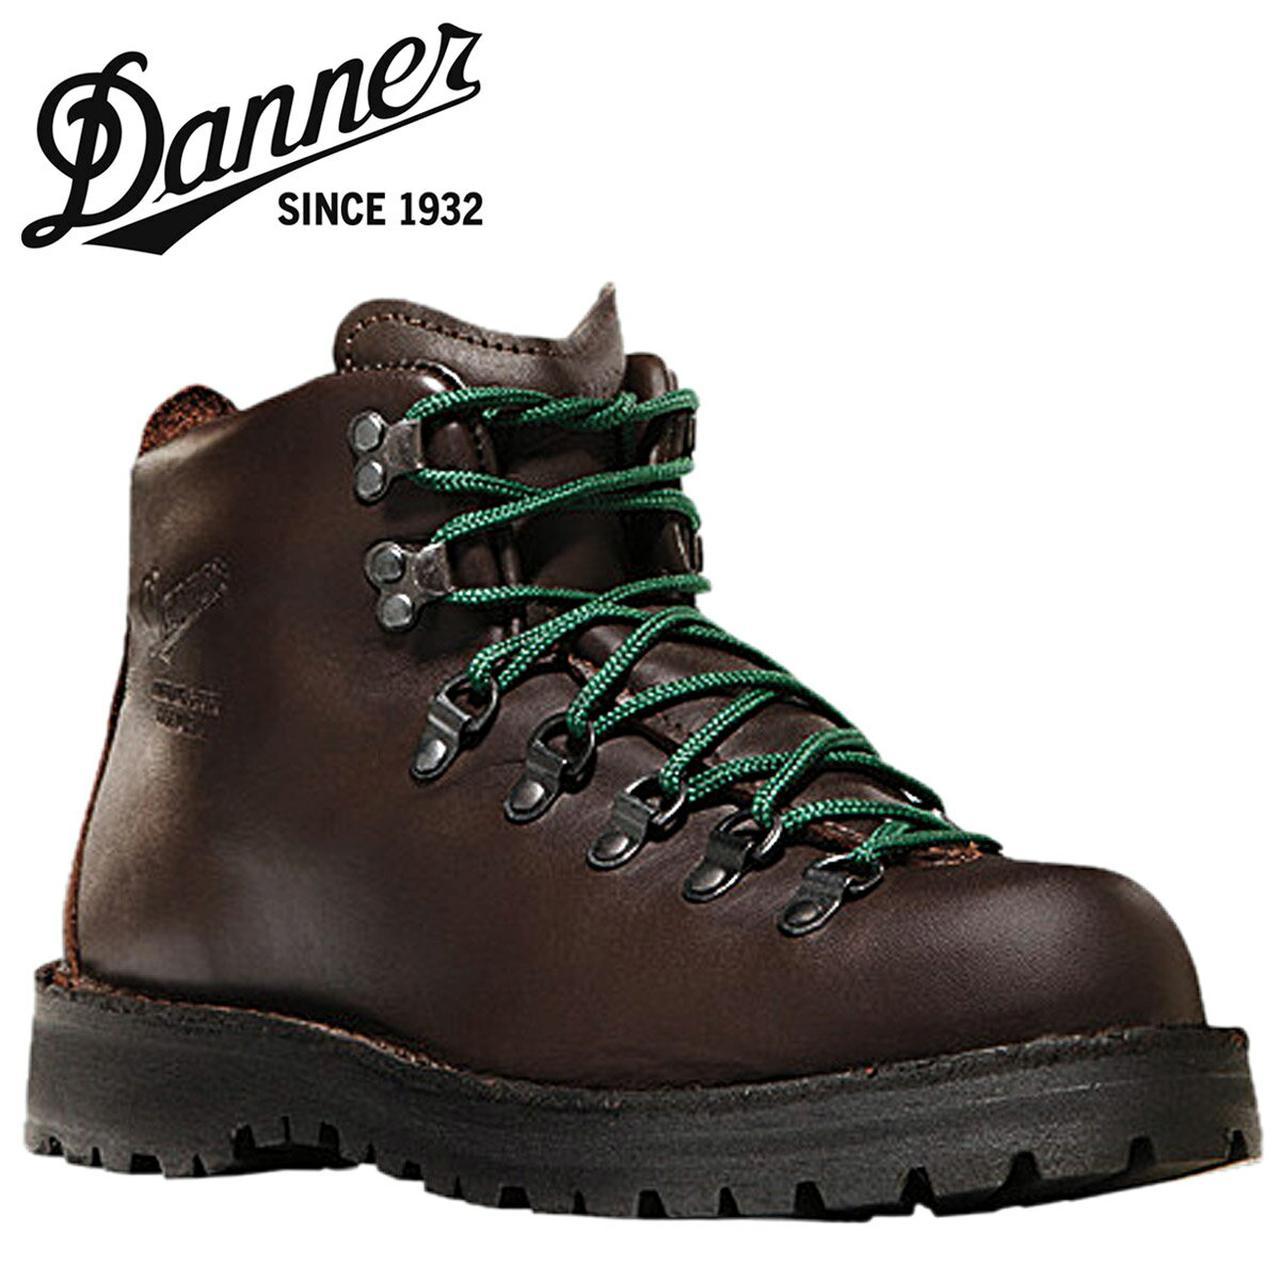 画像2: 【ダナー(Danner)】のブーツは機能性&デザイン性抜群! フラワーマウンテンとコラボも おすすめダナー製ブーツ7選を紹介